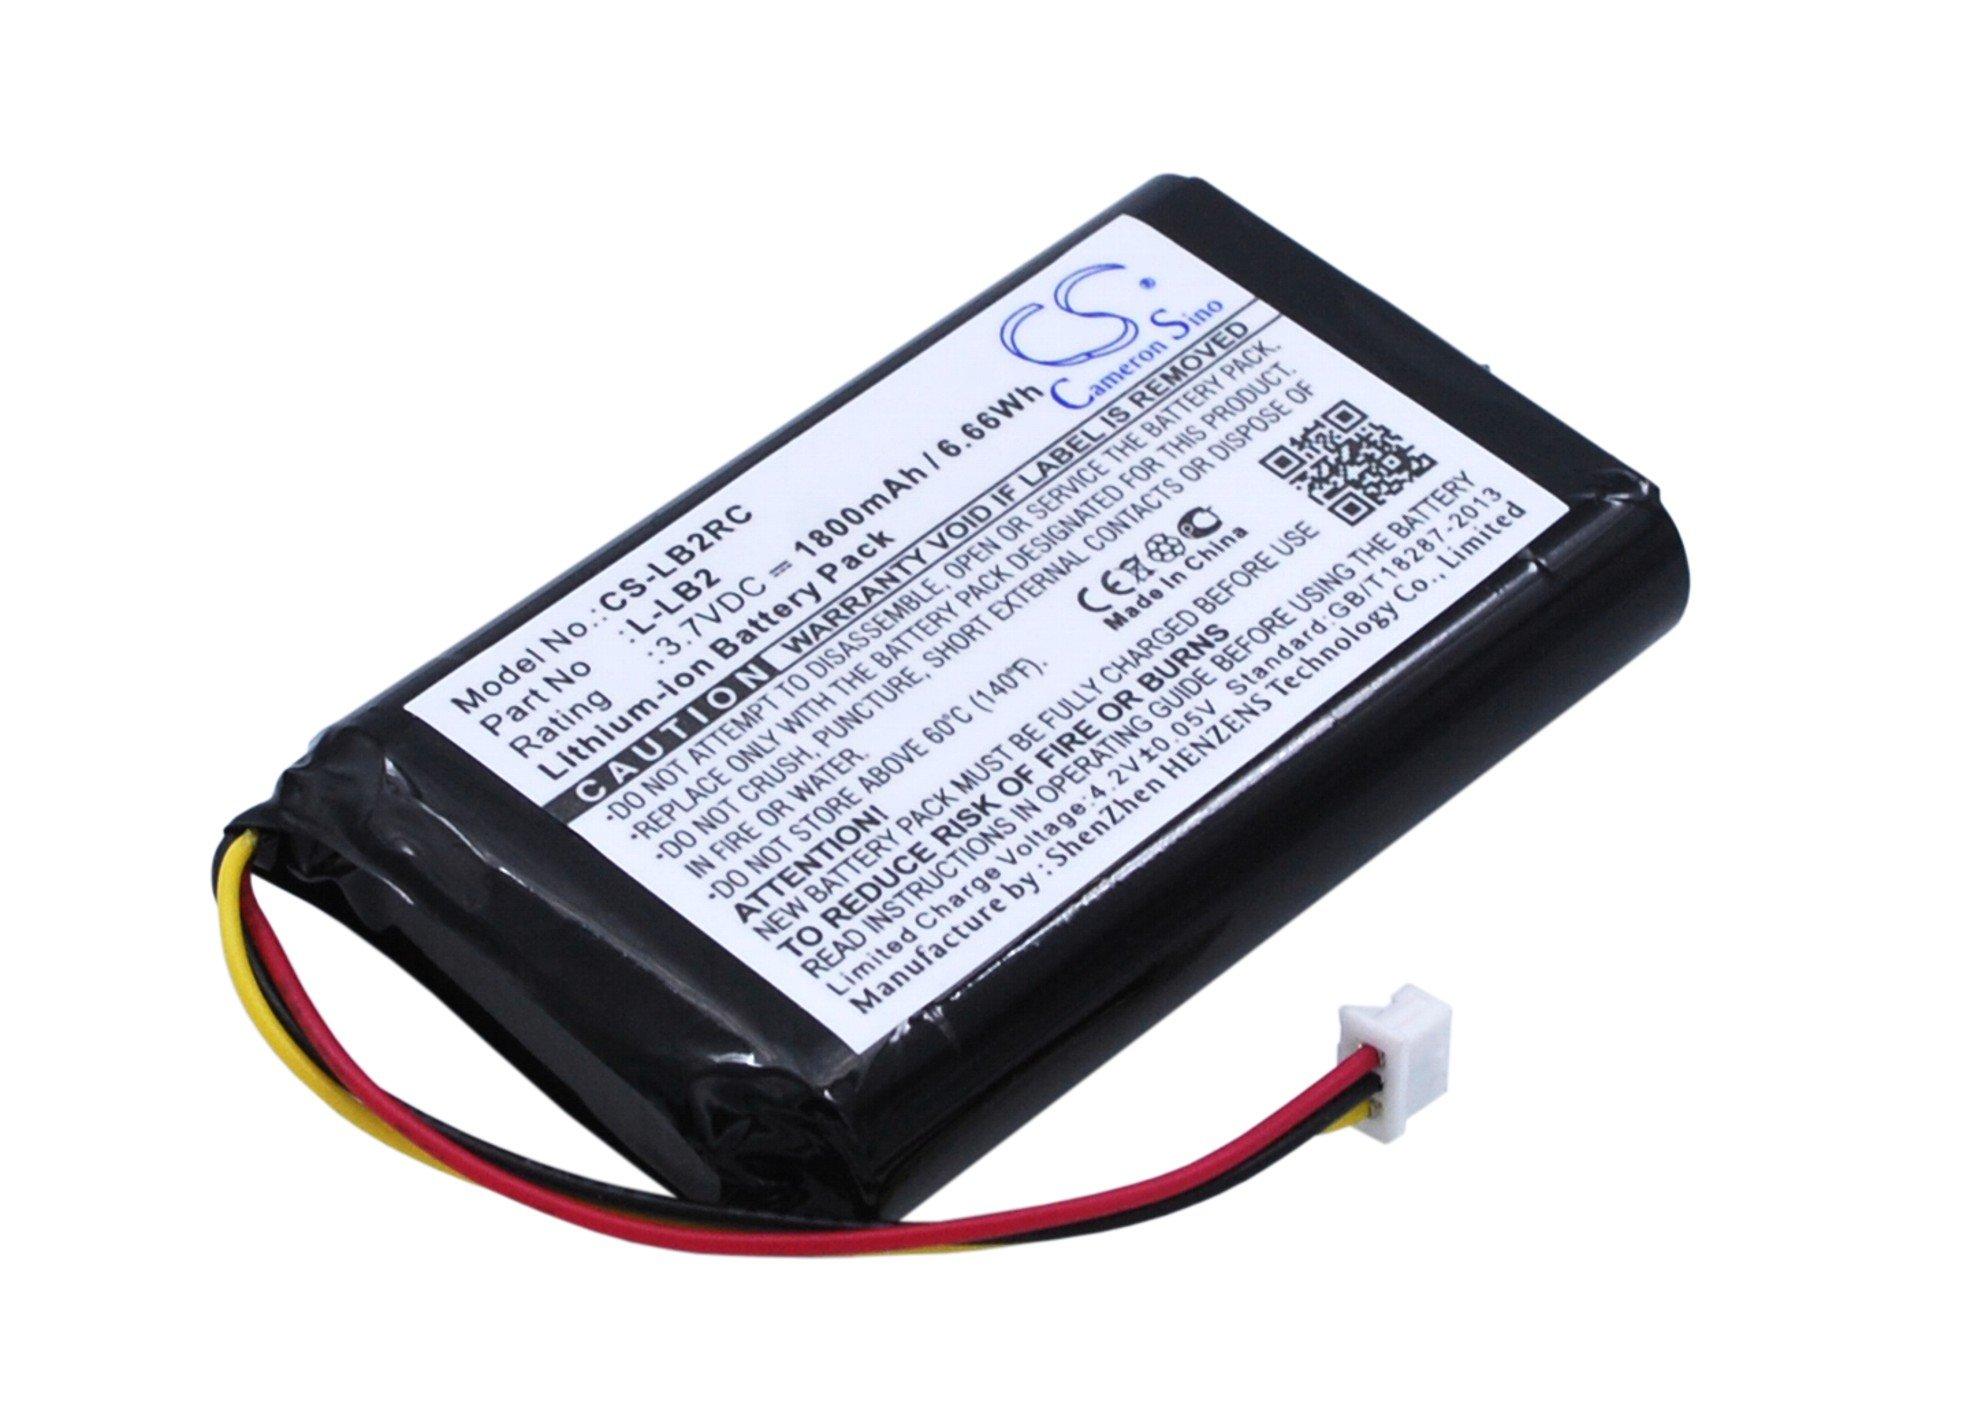 VINTRONS, 1800mAh Battery for Logitech MX1000 Cordless Mouse, by VI VINTRONS